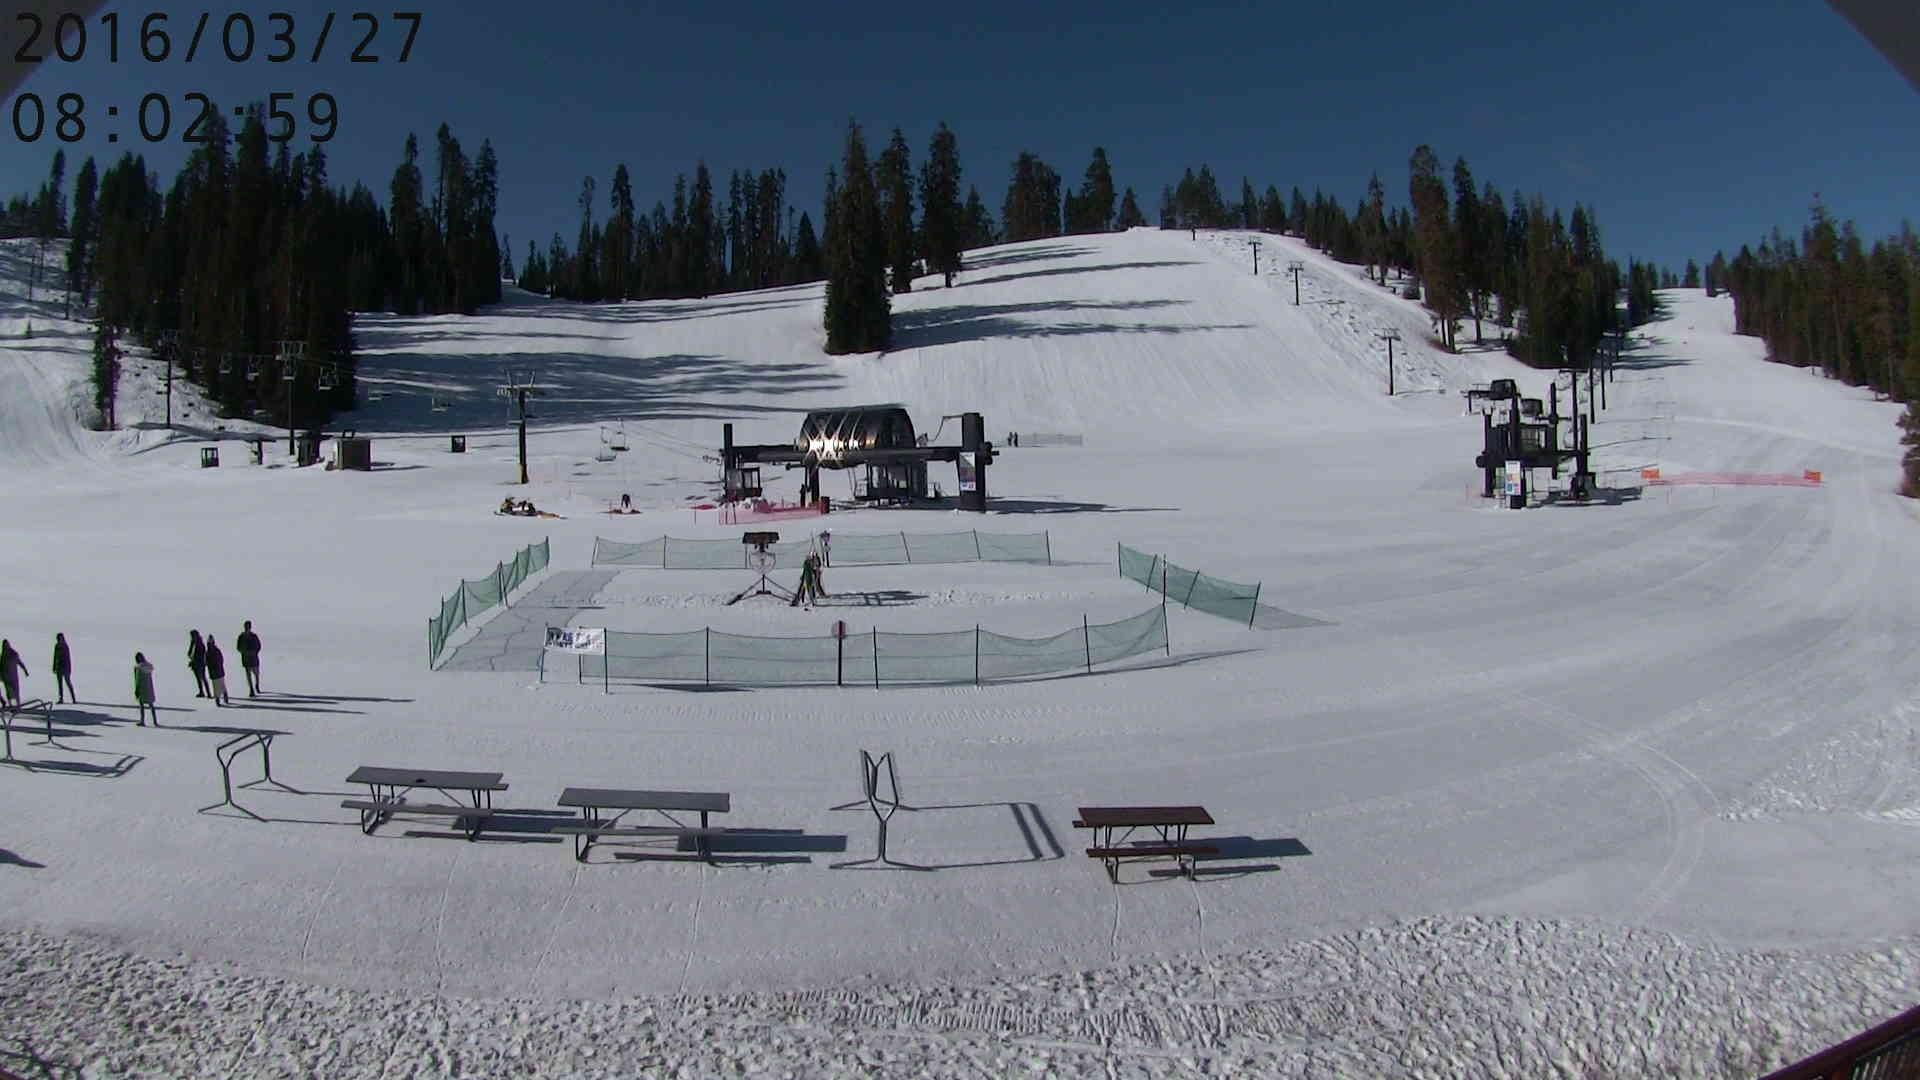 location skis yosemite